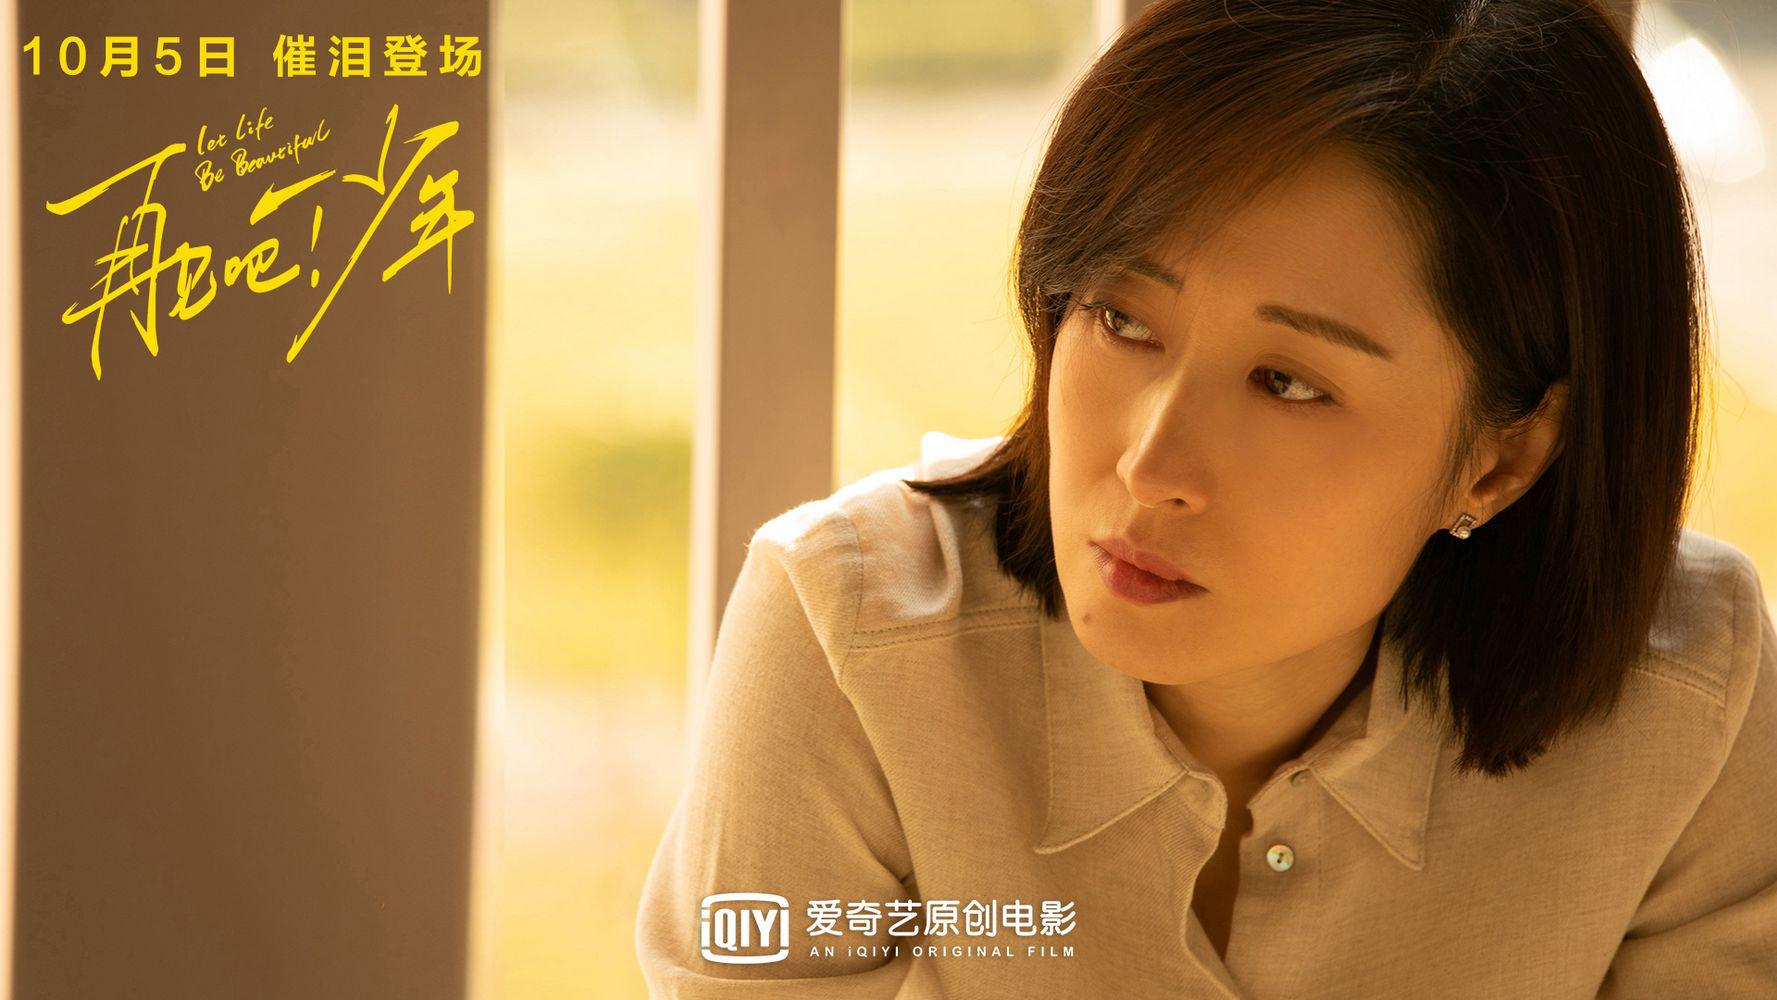 影戏《再见吧!少年》发海报 刘敏涛抱紧荣梓杉